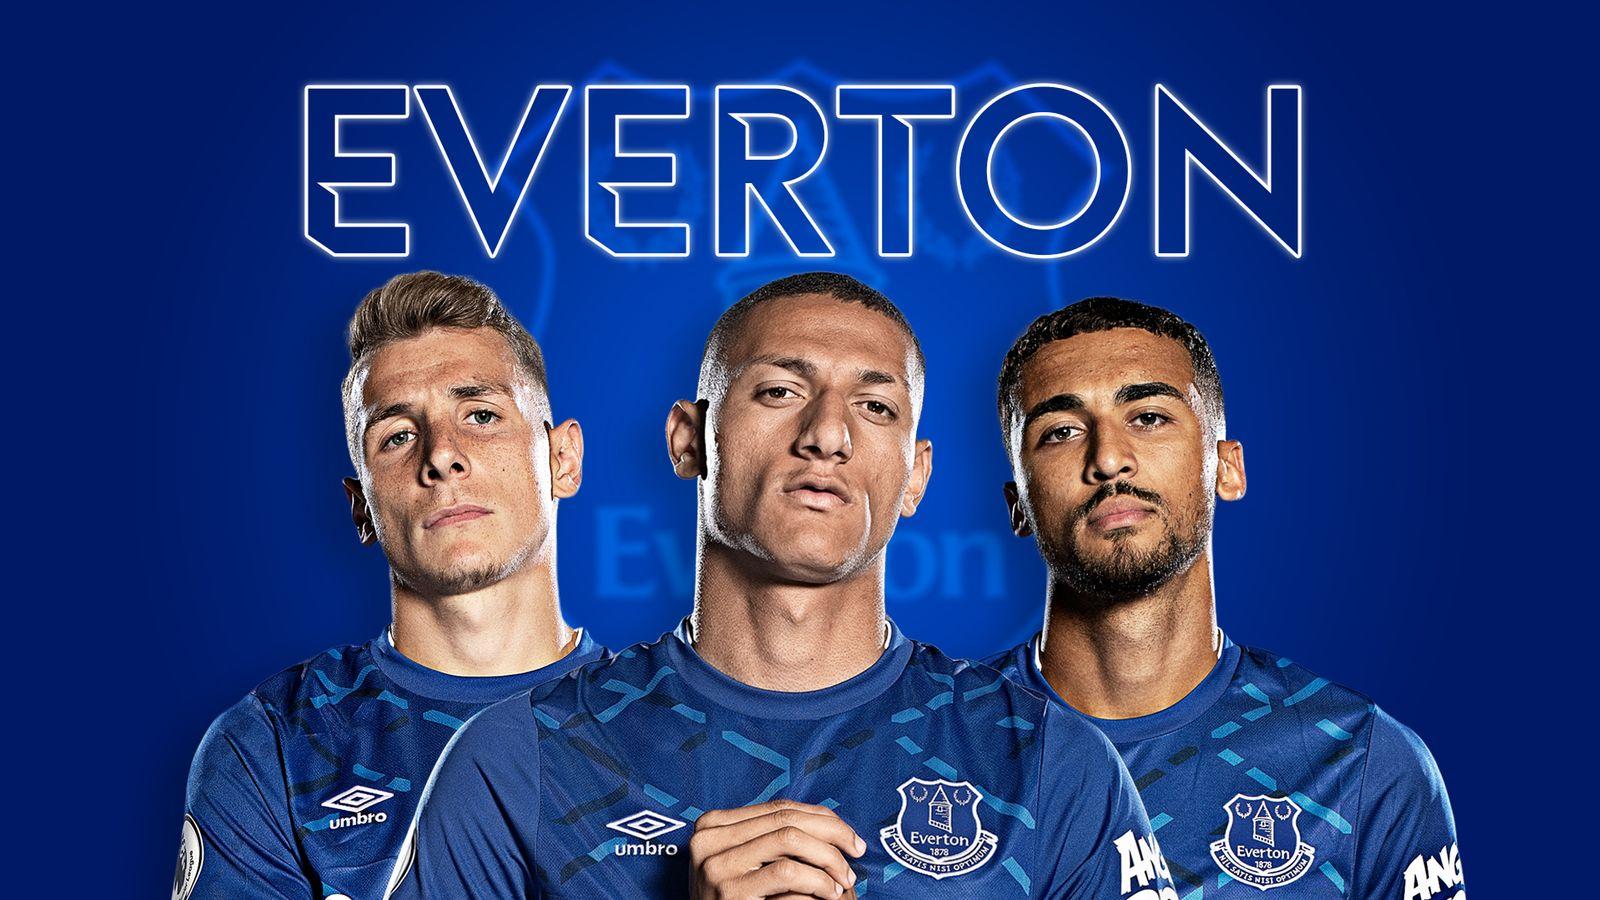 Everton cũng được tin tưởng sẽ giành ngôi vô địch